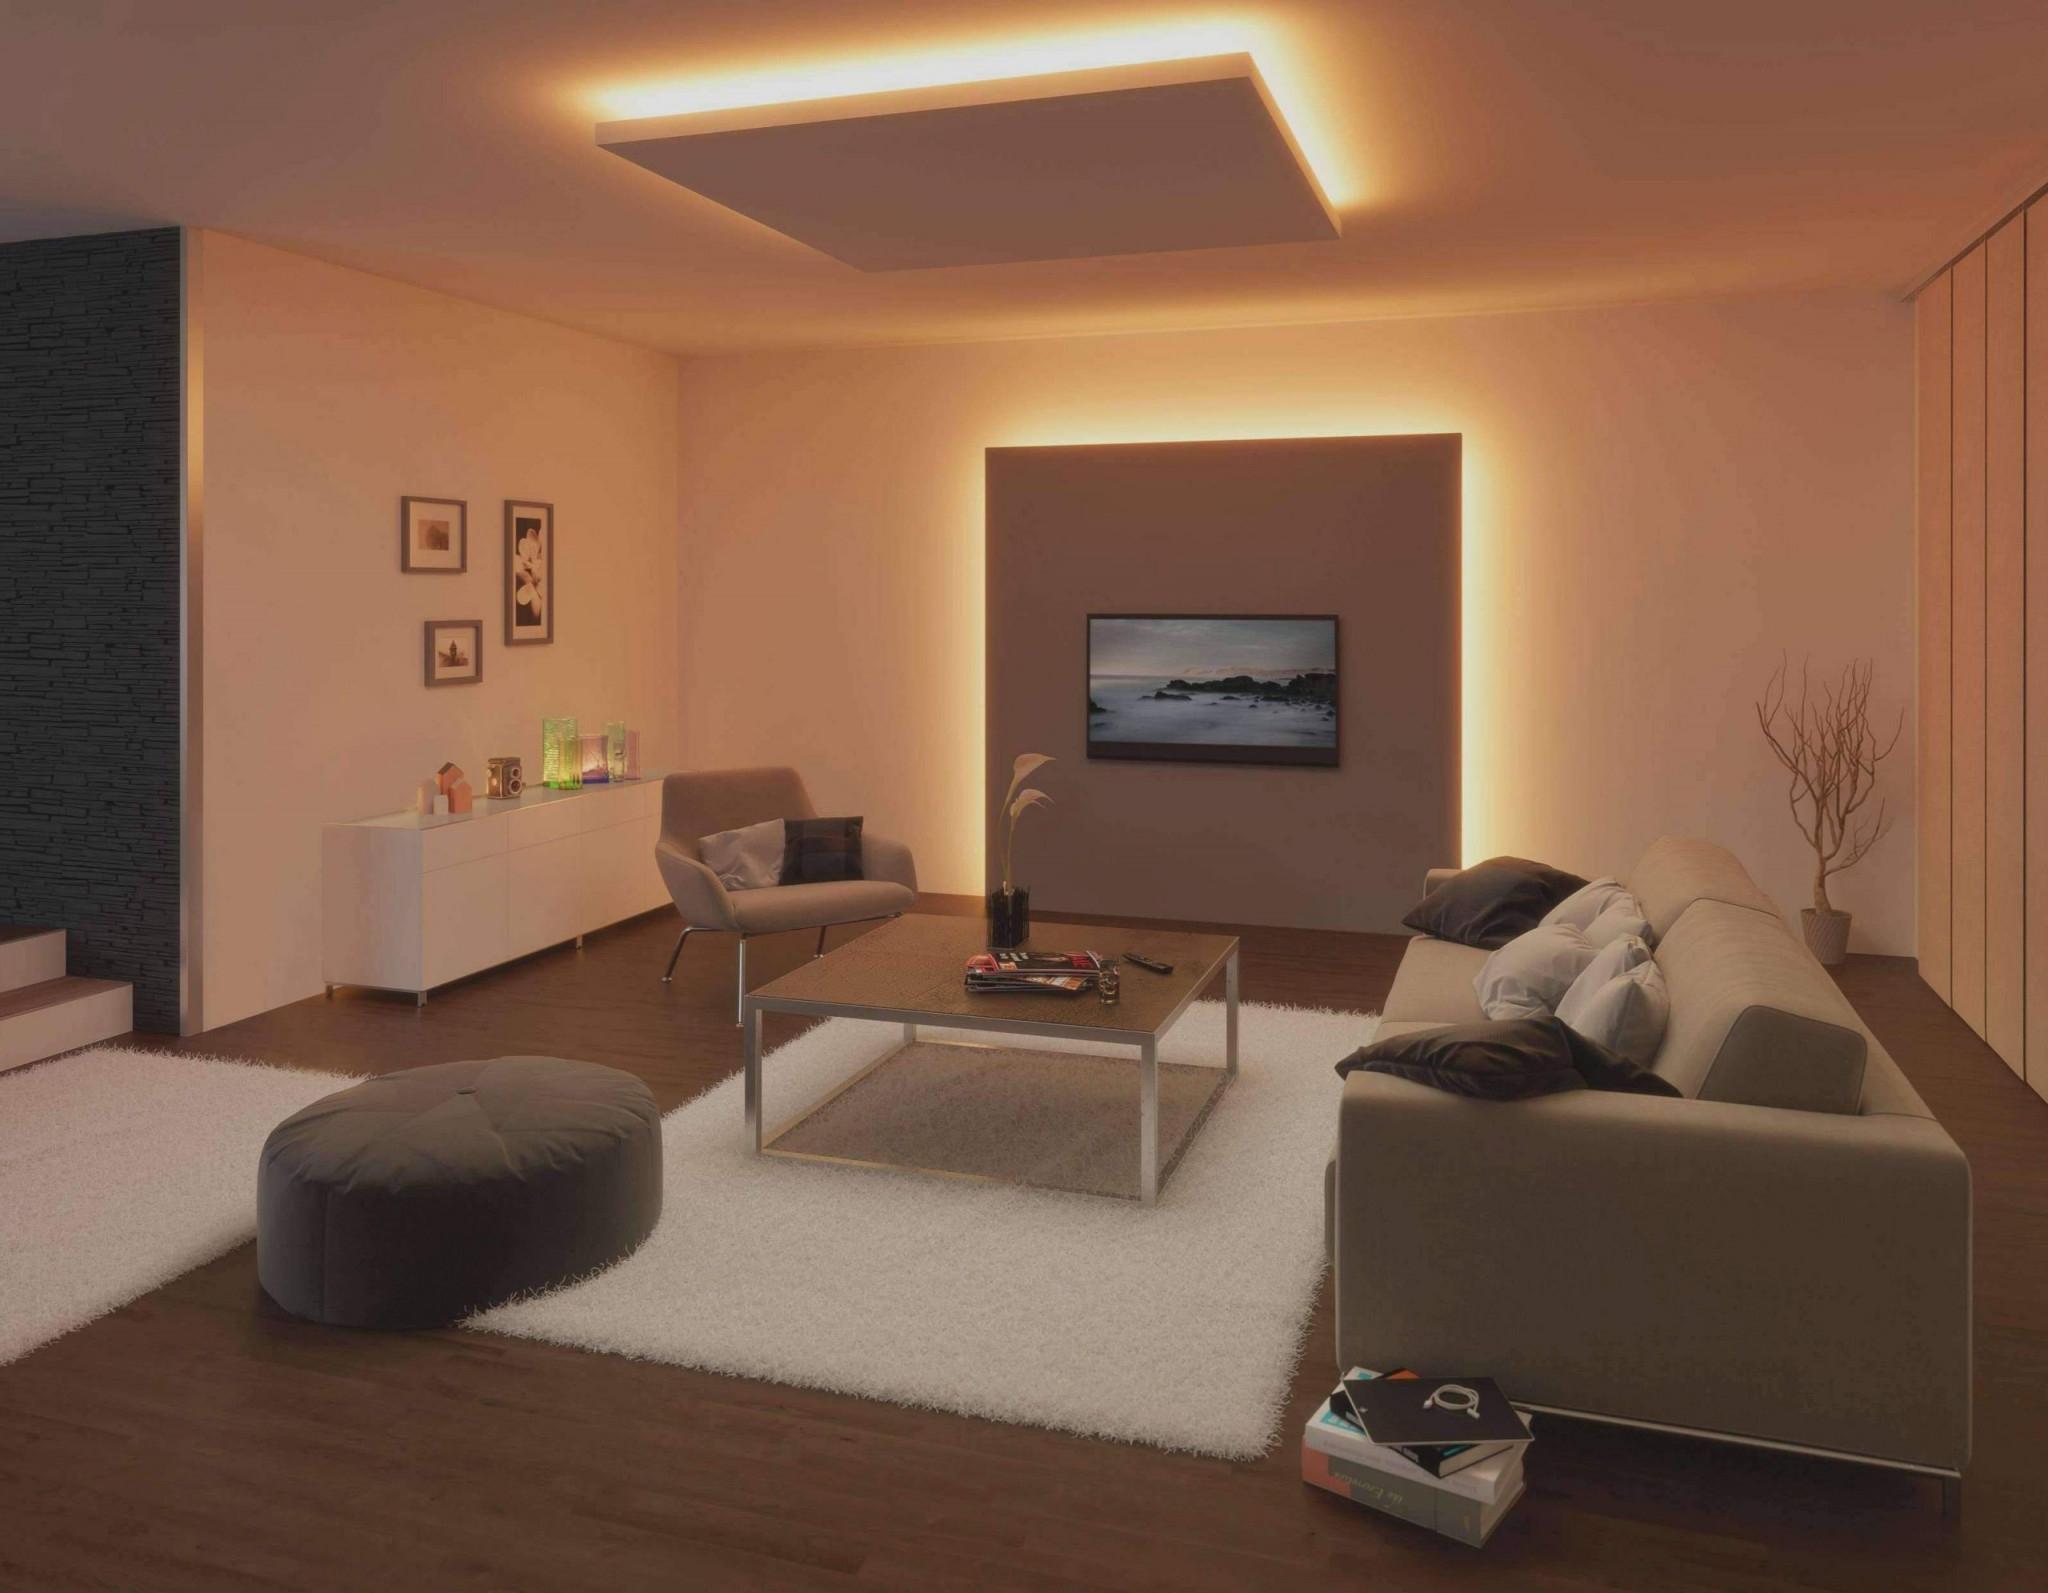 Deckenlampe Wohnzimmer Inspirierend Deckenlampe Wohnzimmer von Deckenlampe Für Wohnzimmer Bild